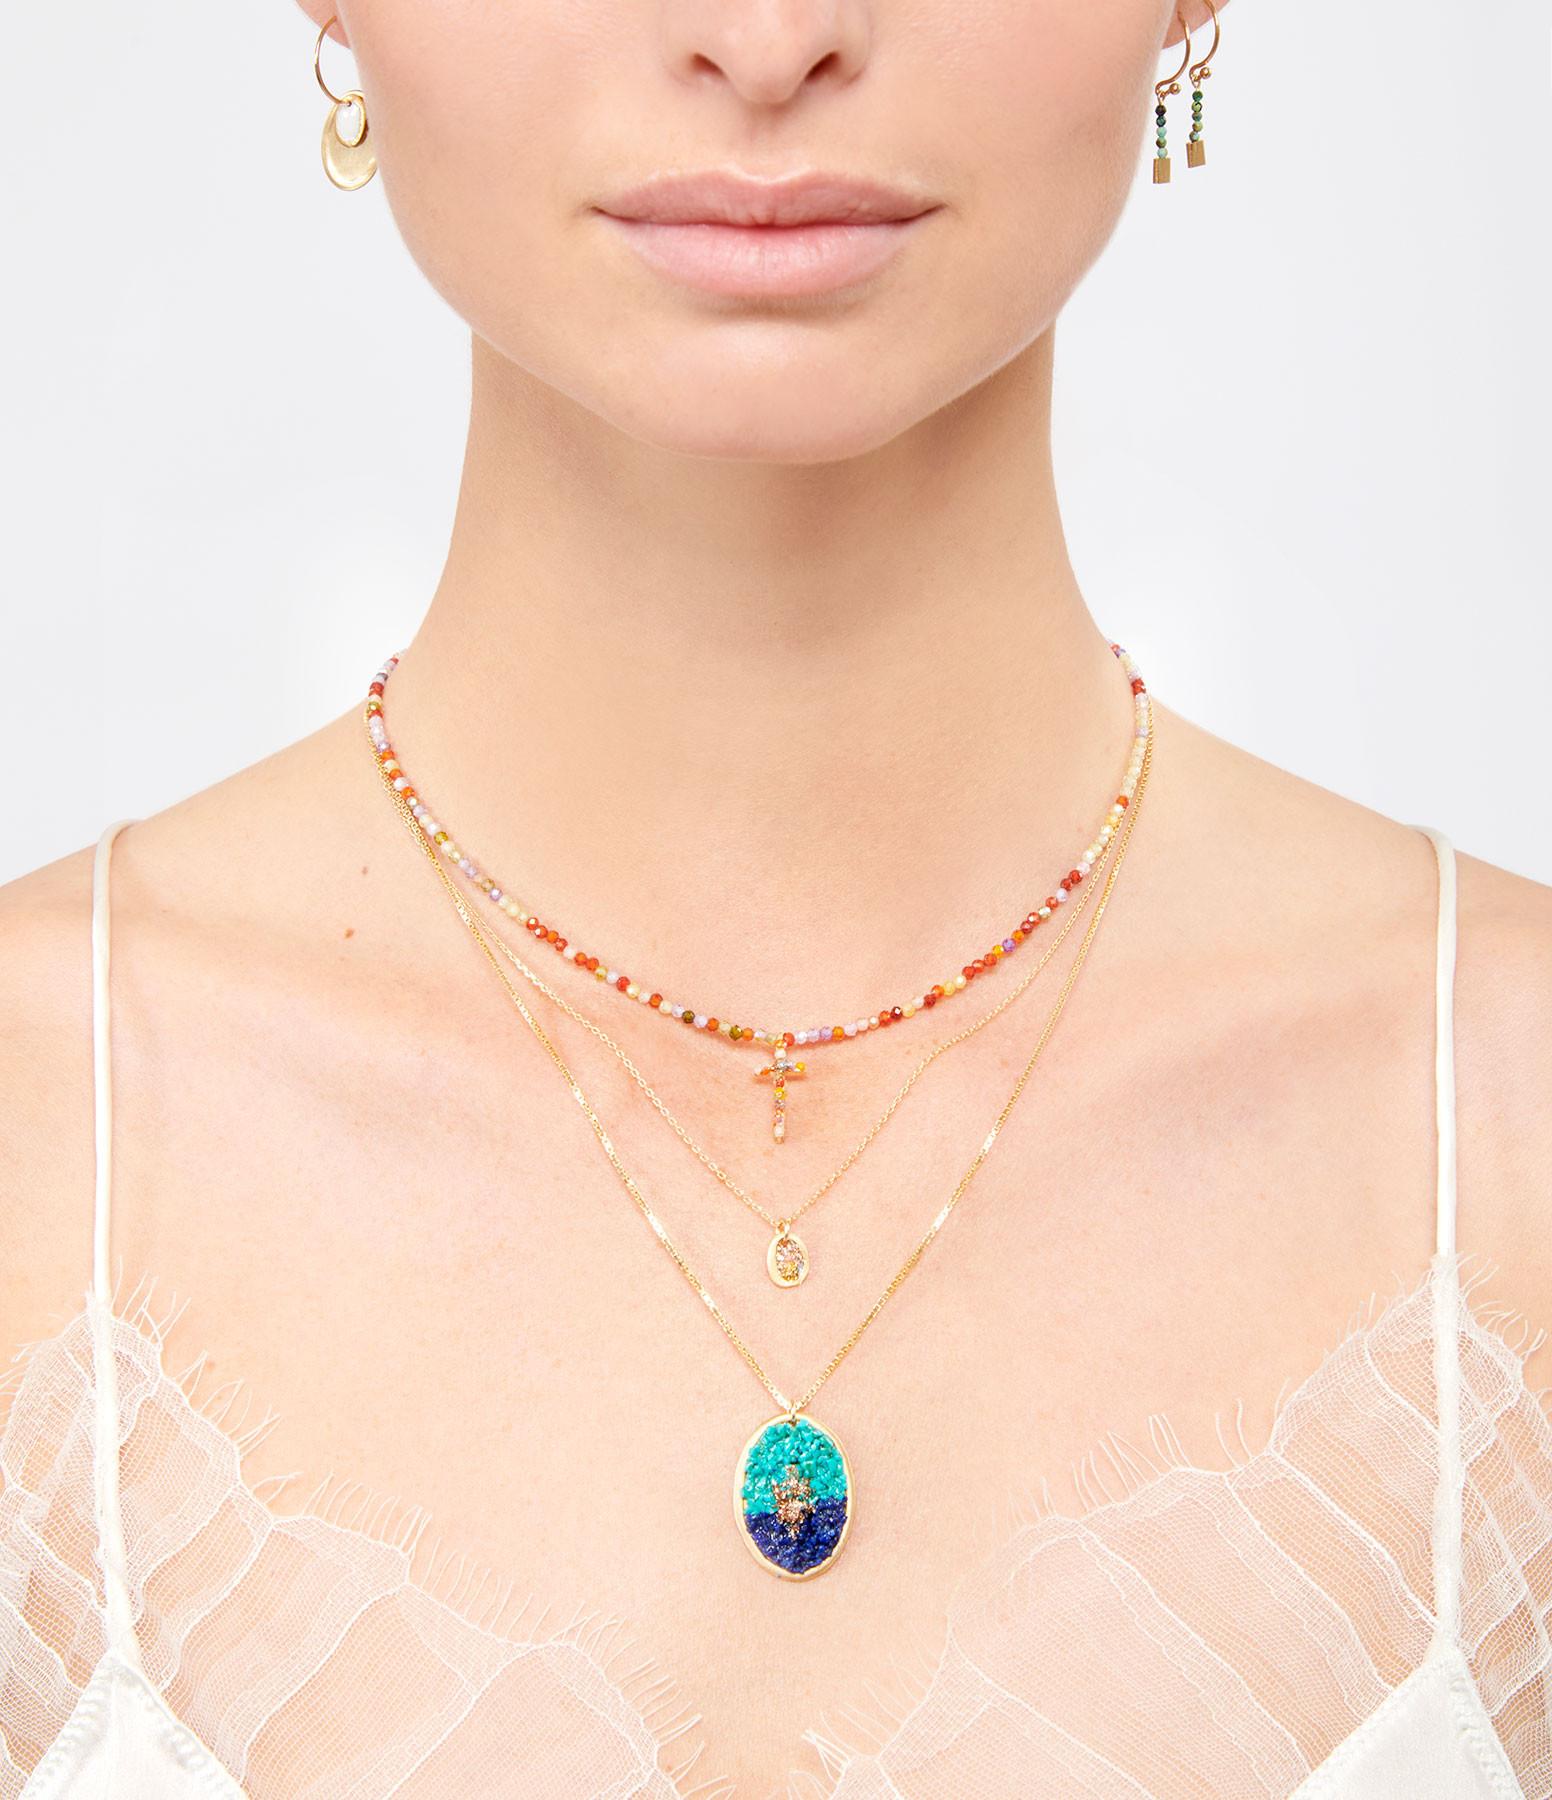 LSONGE - Collier Ras de Cou Croix Perles Émaillées